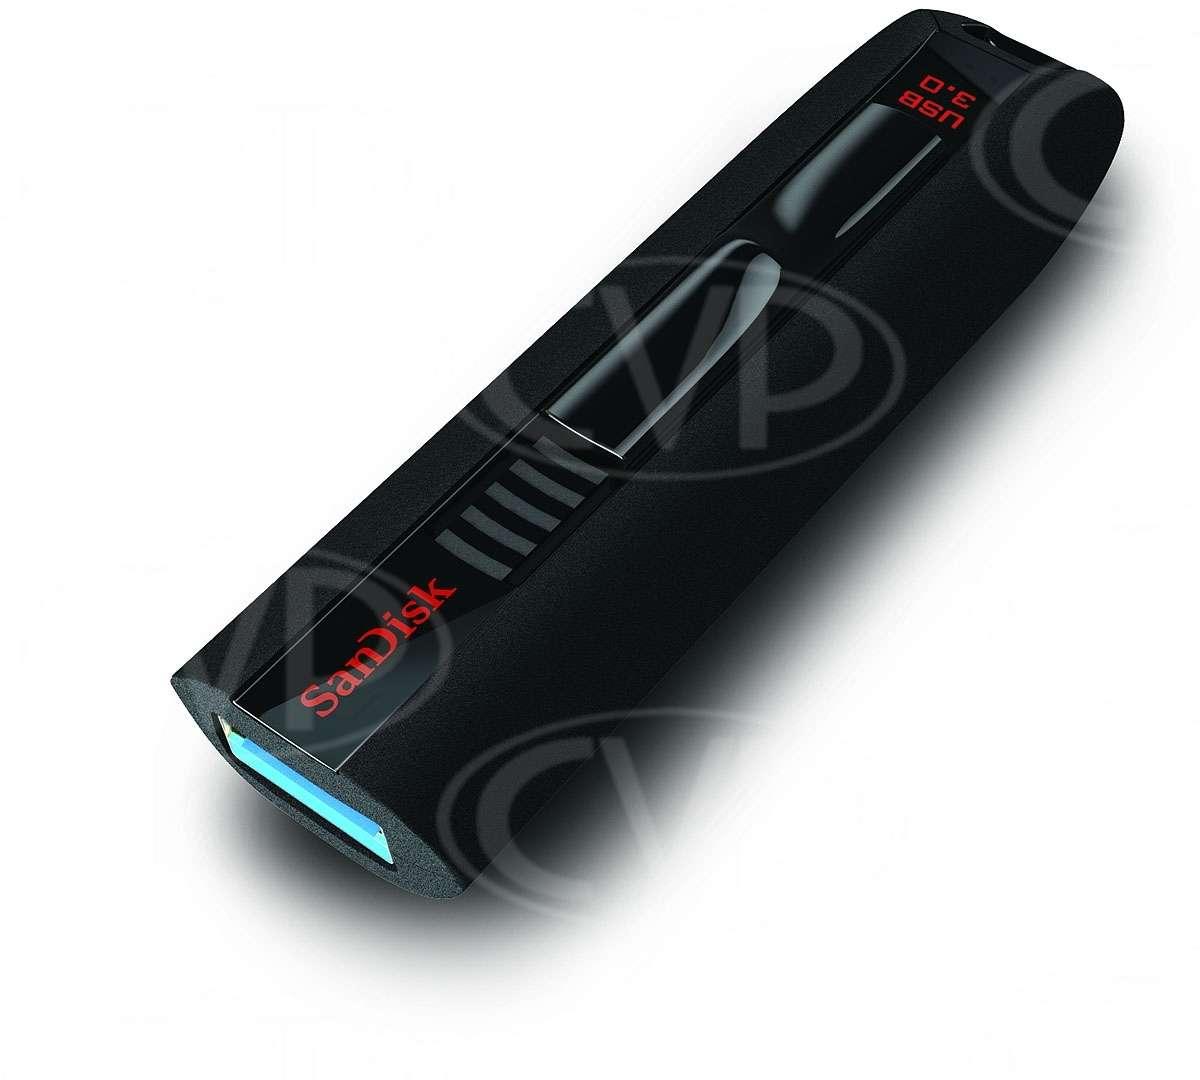 SanDisk SDCZ80-064G-X46 (SDCZ80064GX46) 64GB Cruzer Extreme USB 3.0 Flash Drive